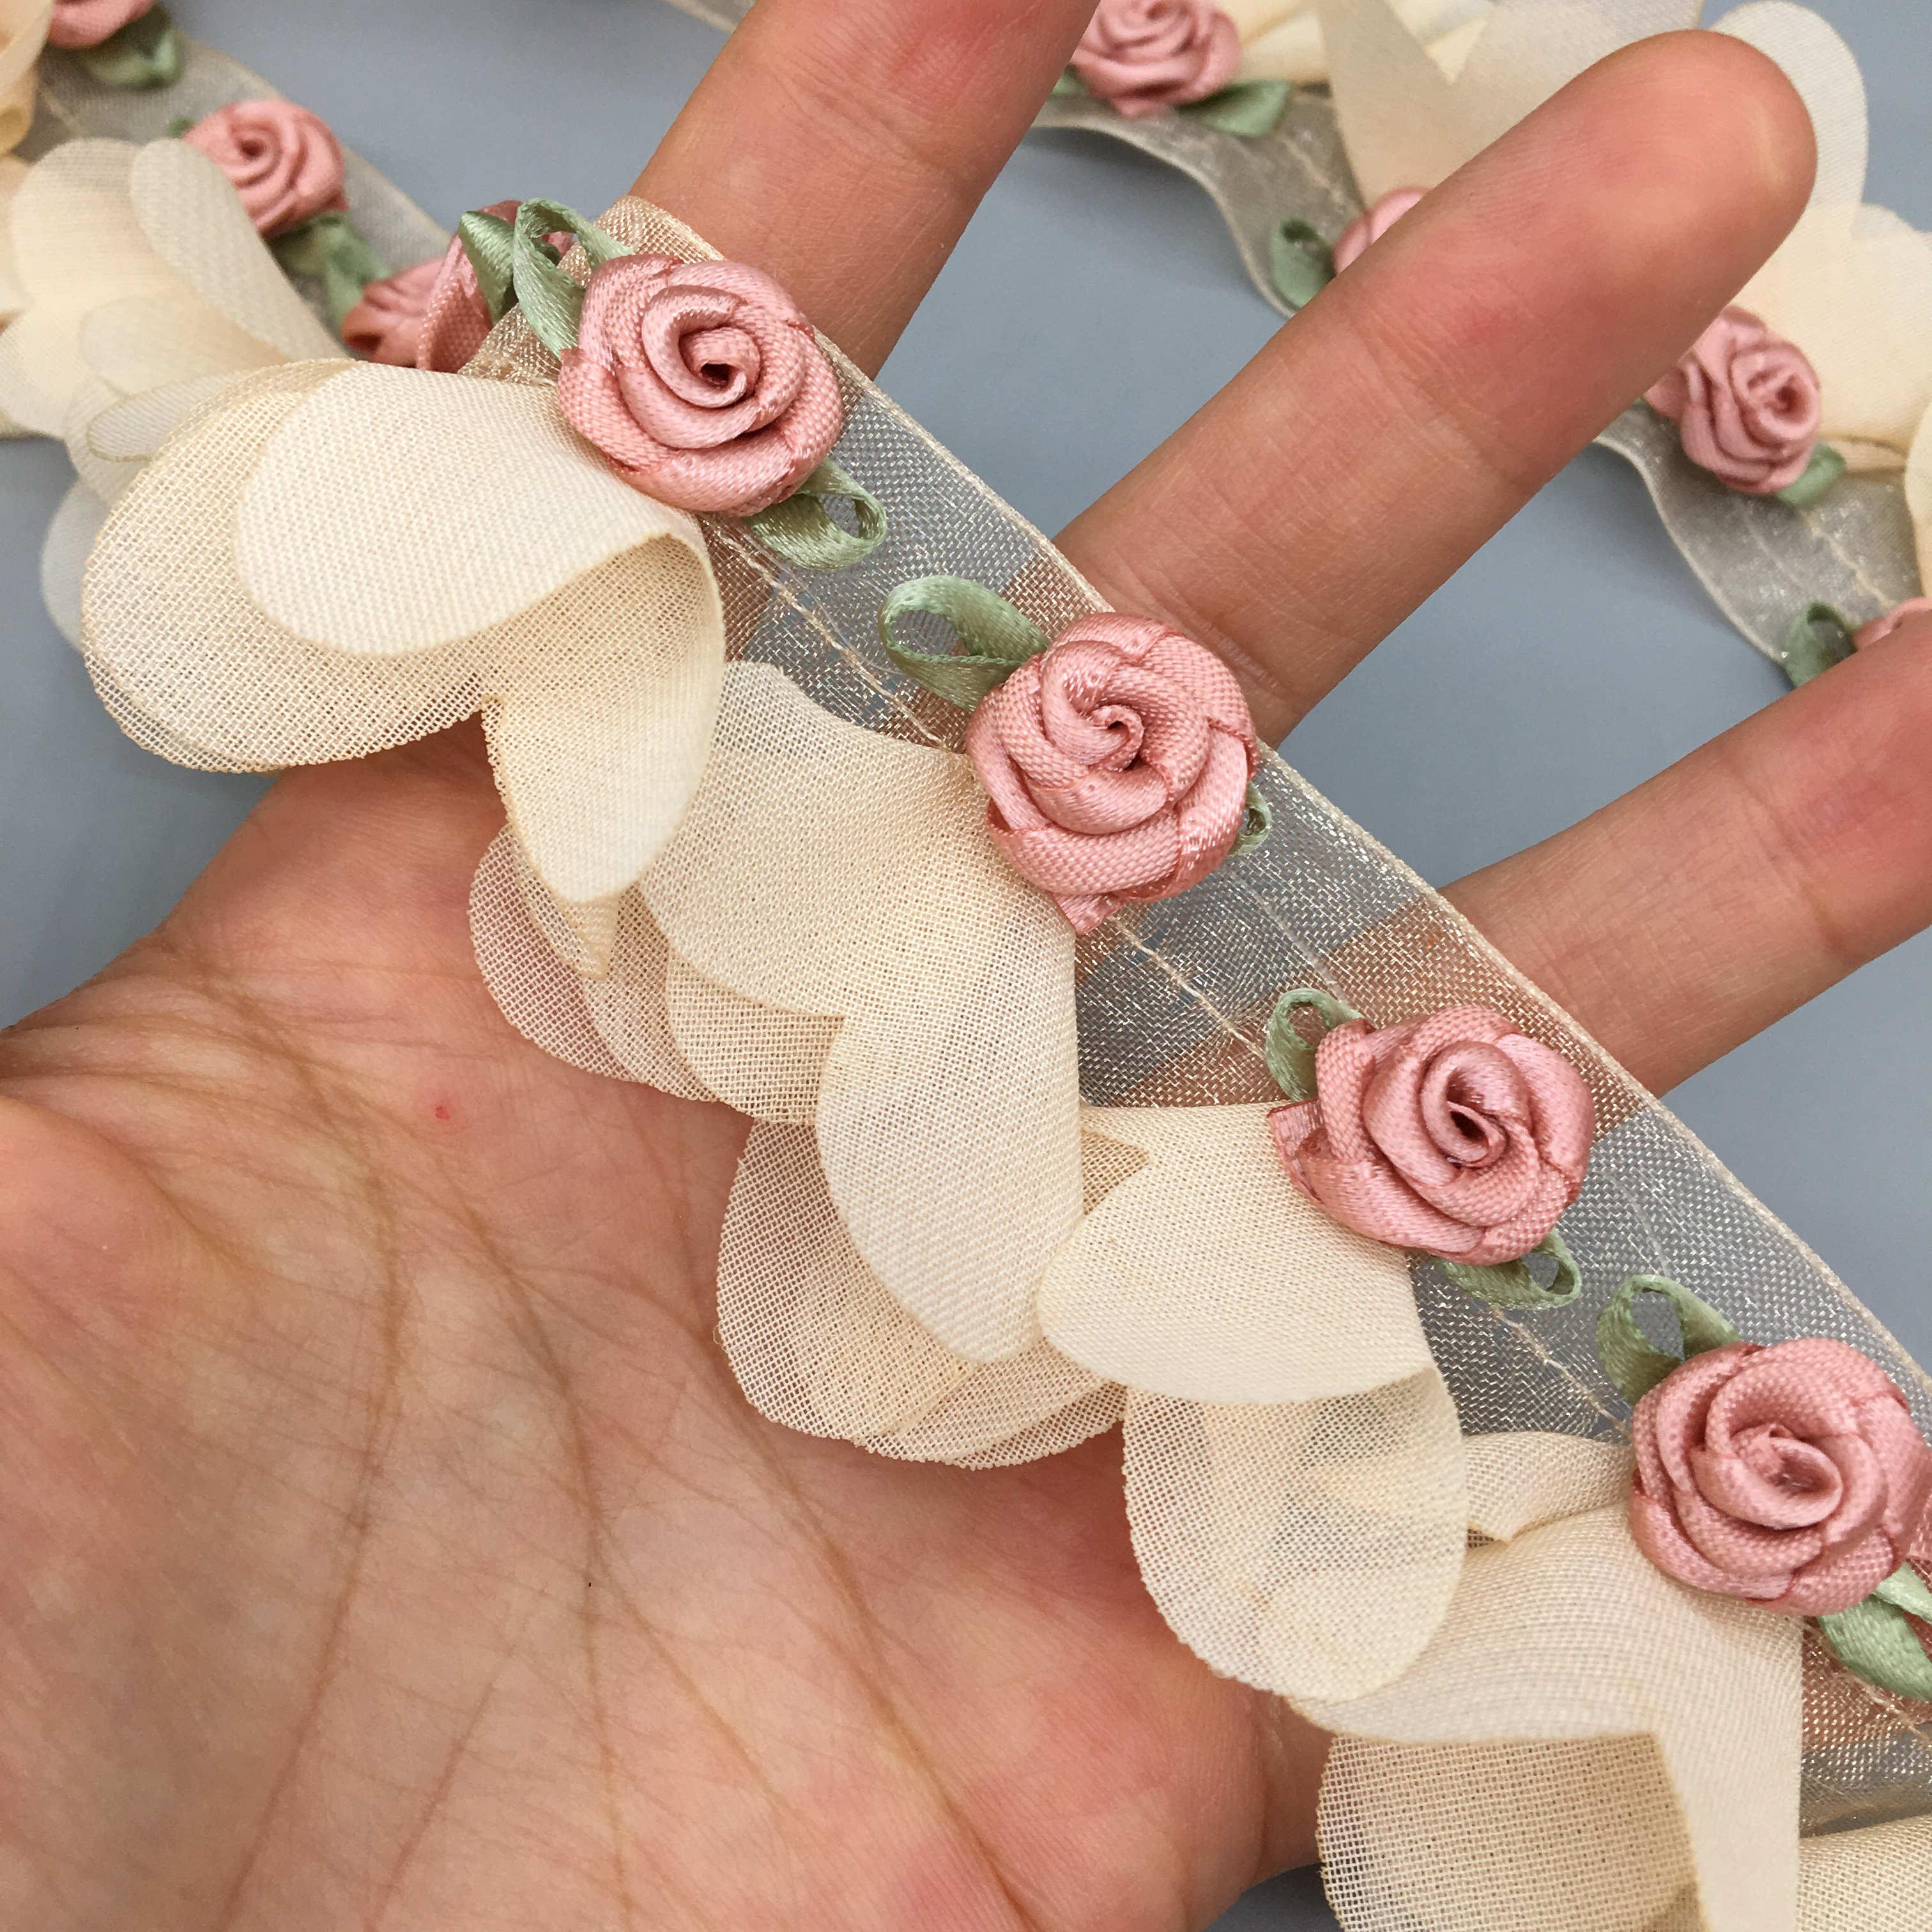 30 шт. жемчужные розы цветок кластер абрикос ручная вышивка кружевная отделка фотоаксессуары для свадьбы